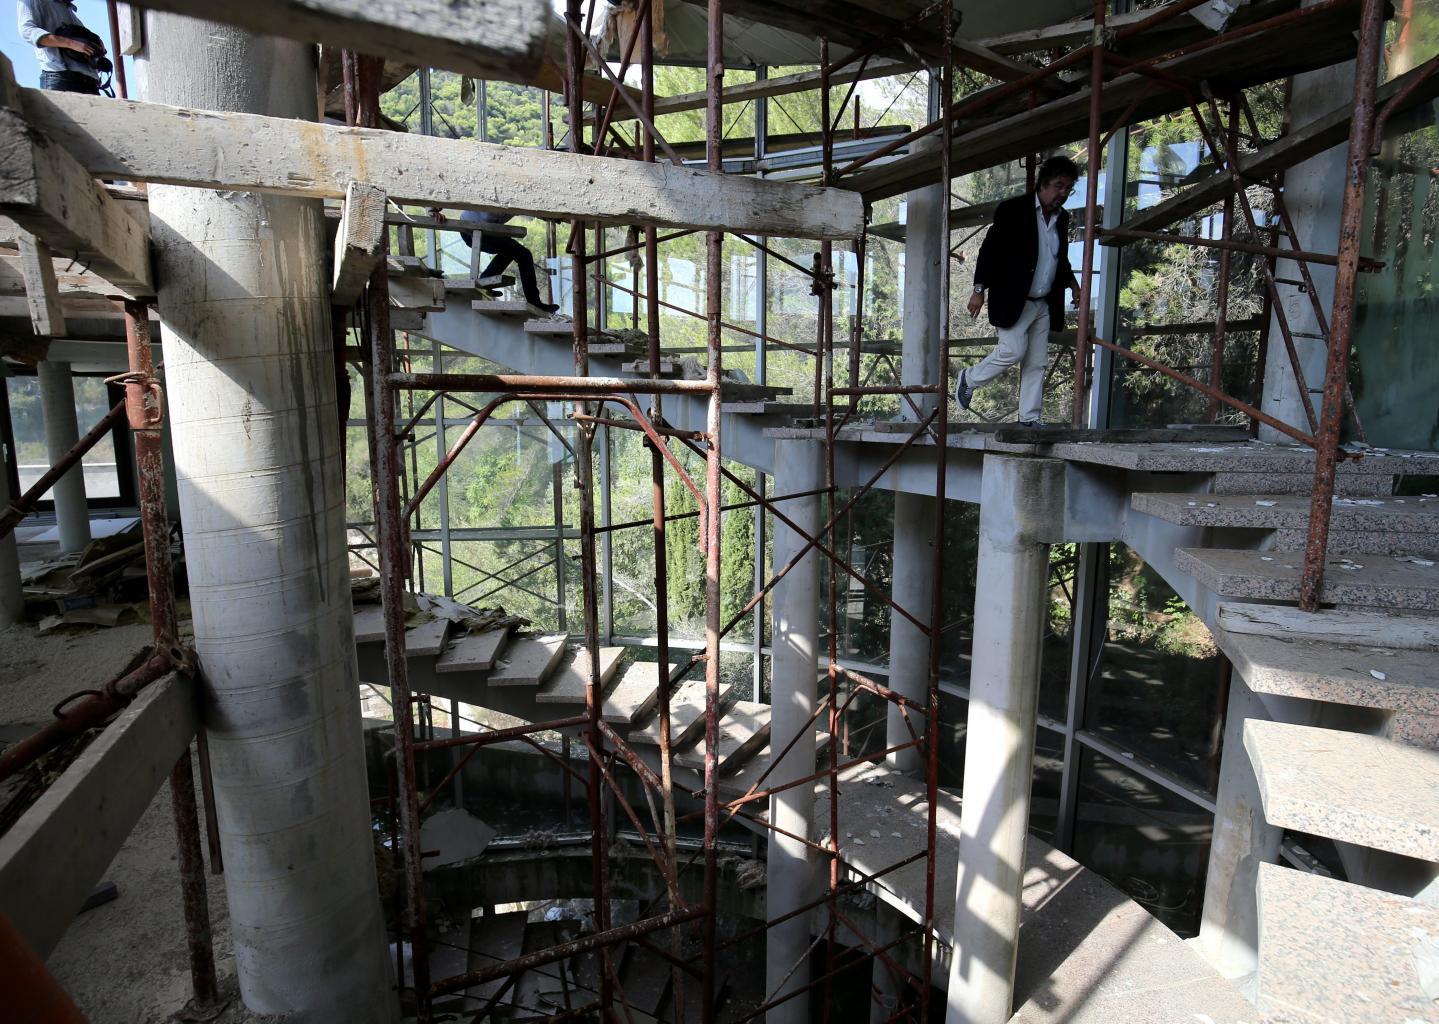 Sur les huit niveaux, il ne reste que des échafaudages, des planches en bois et des montagnes de laine de verre, le tout couvert de poussière et de toiles d'araignées…